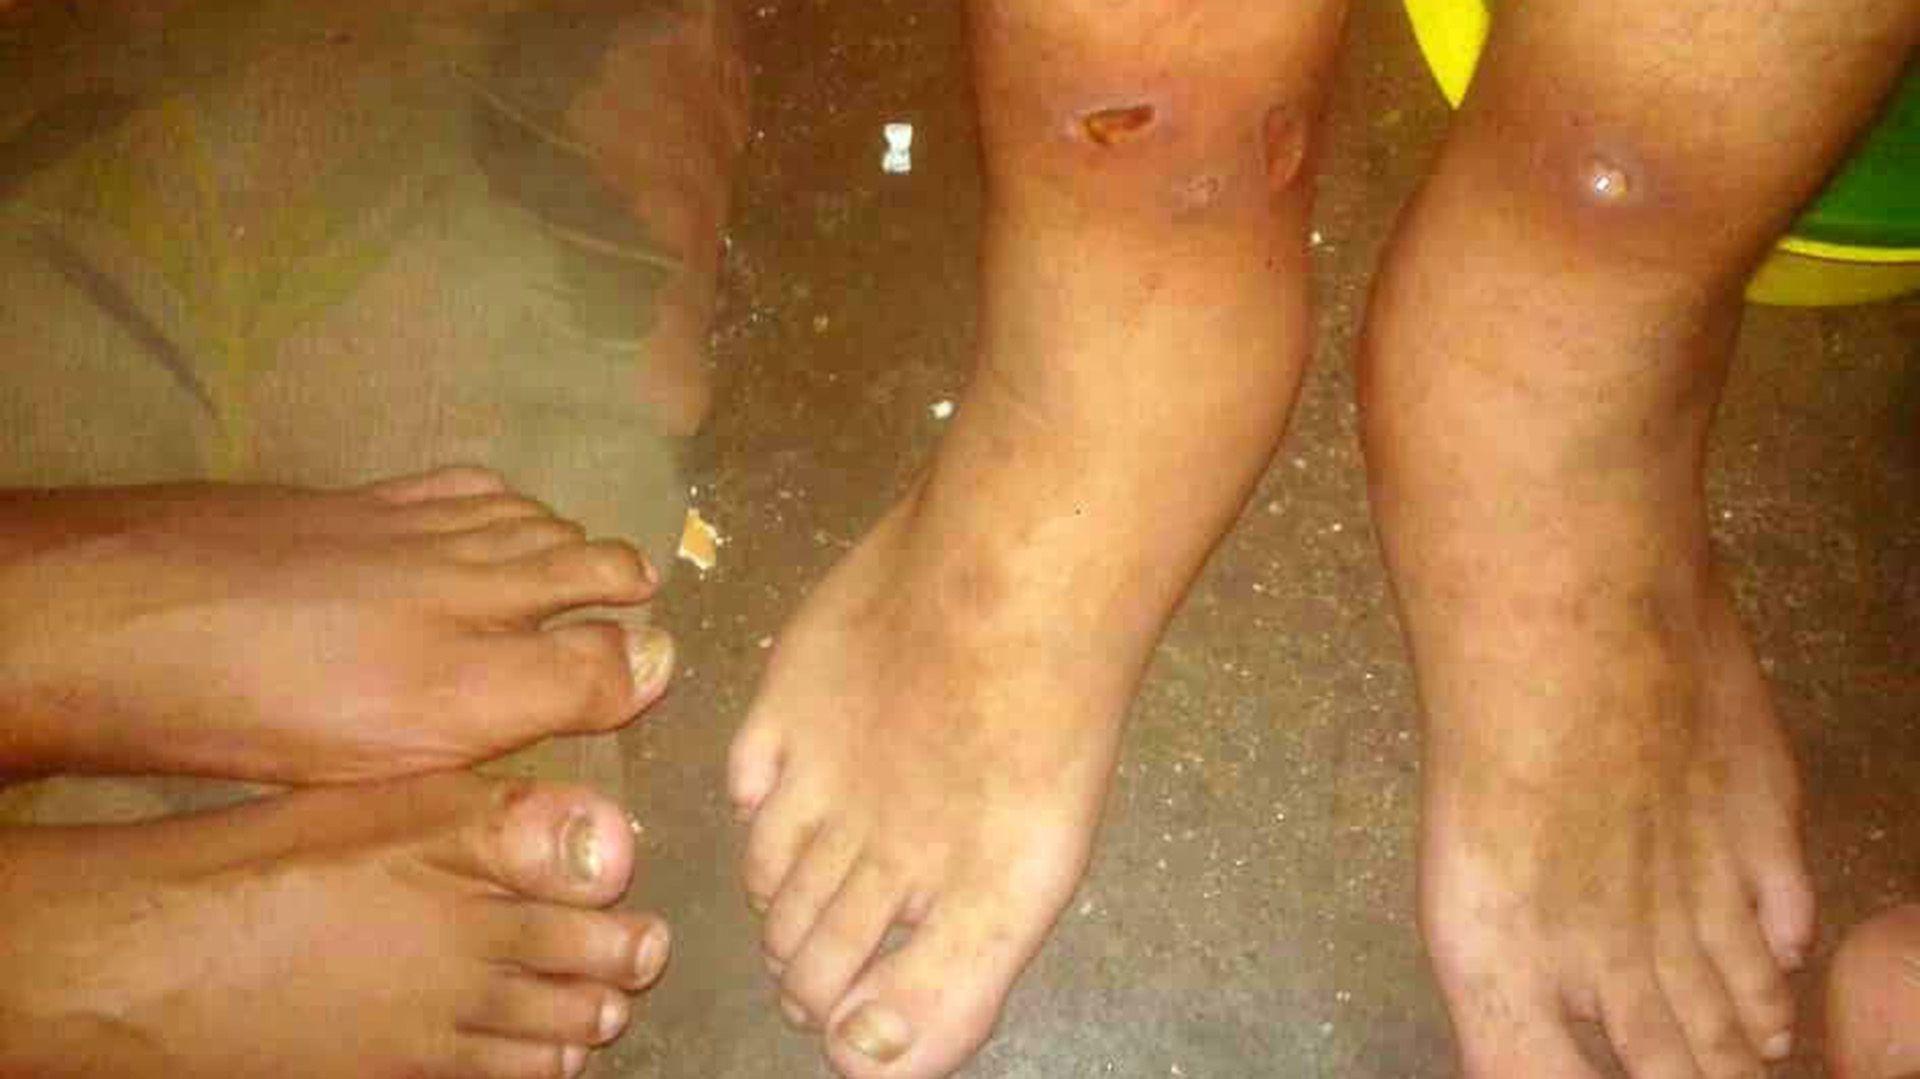 Lastimaduras en las piernas de un preso